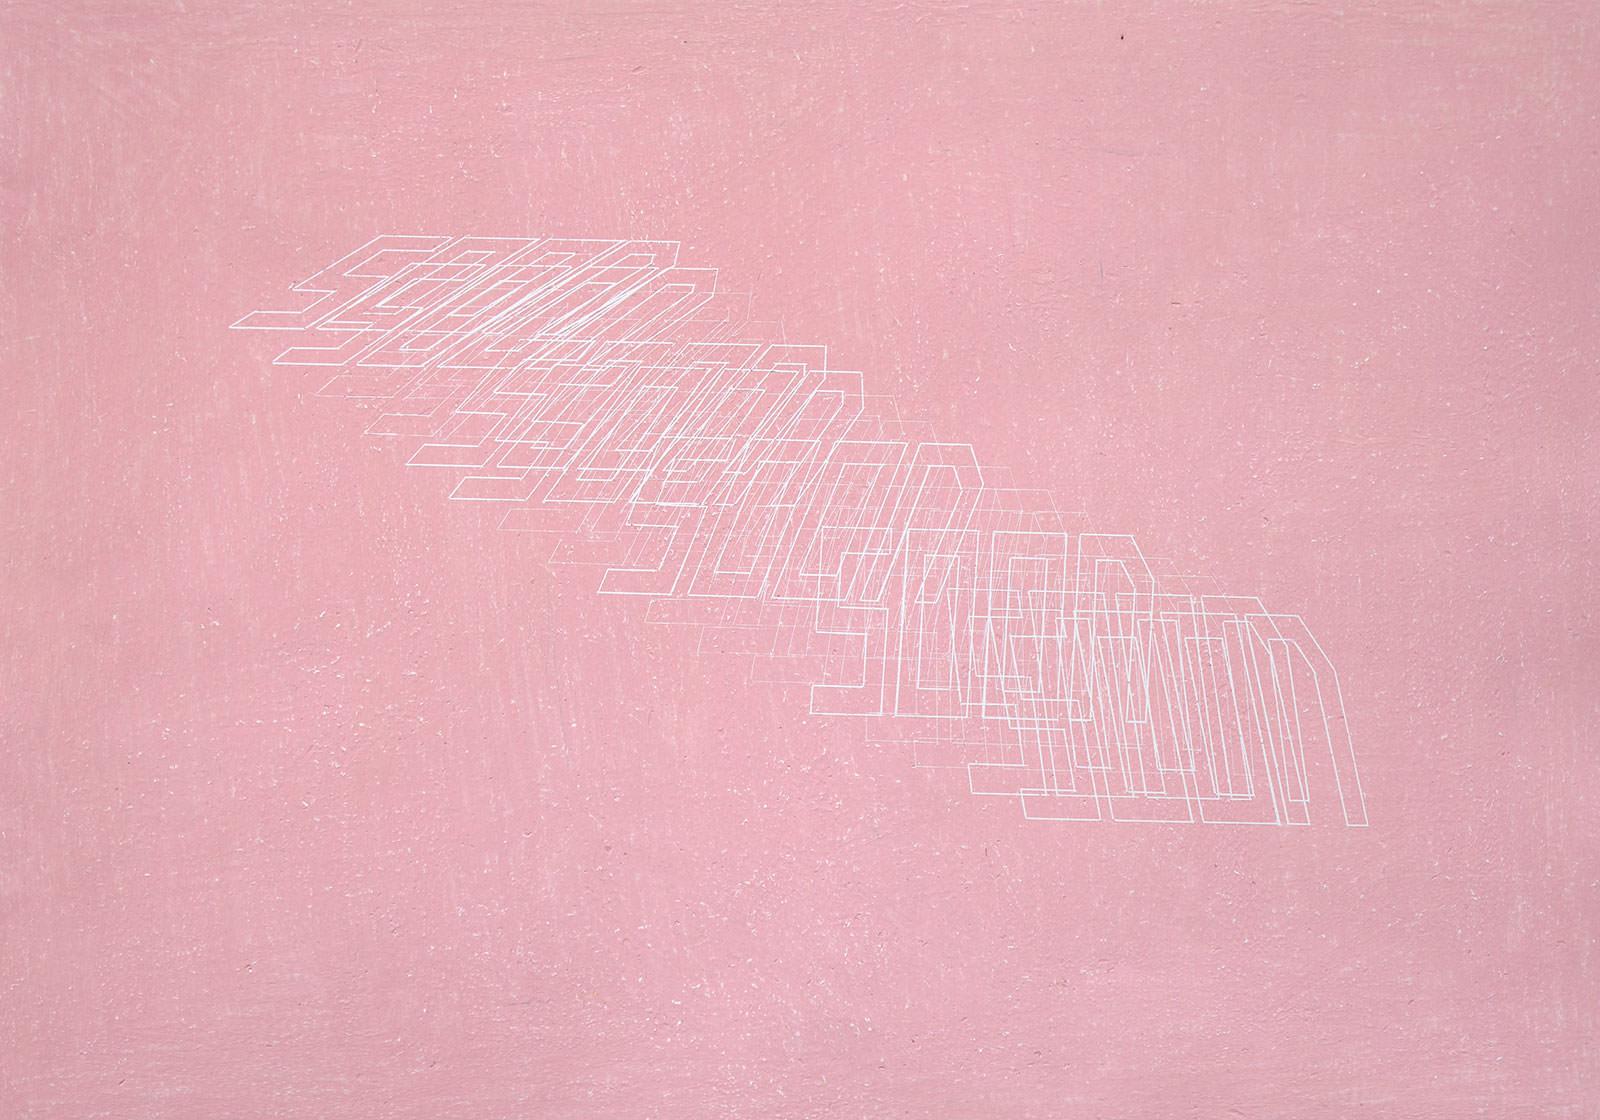 Liddy Scheffknecht, soon (before), 2020, Wachskreide auf Papier, 70 x 100 cm <br>© Liddy Scheffknecht &amp; Bildrecht Wien